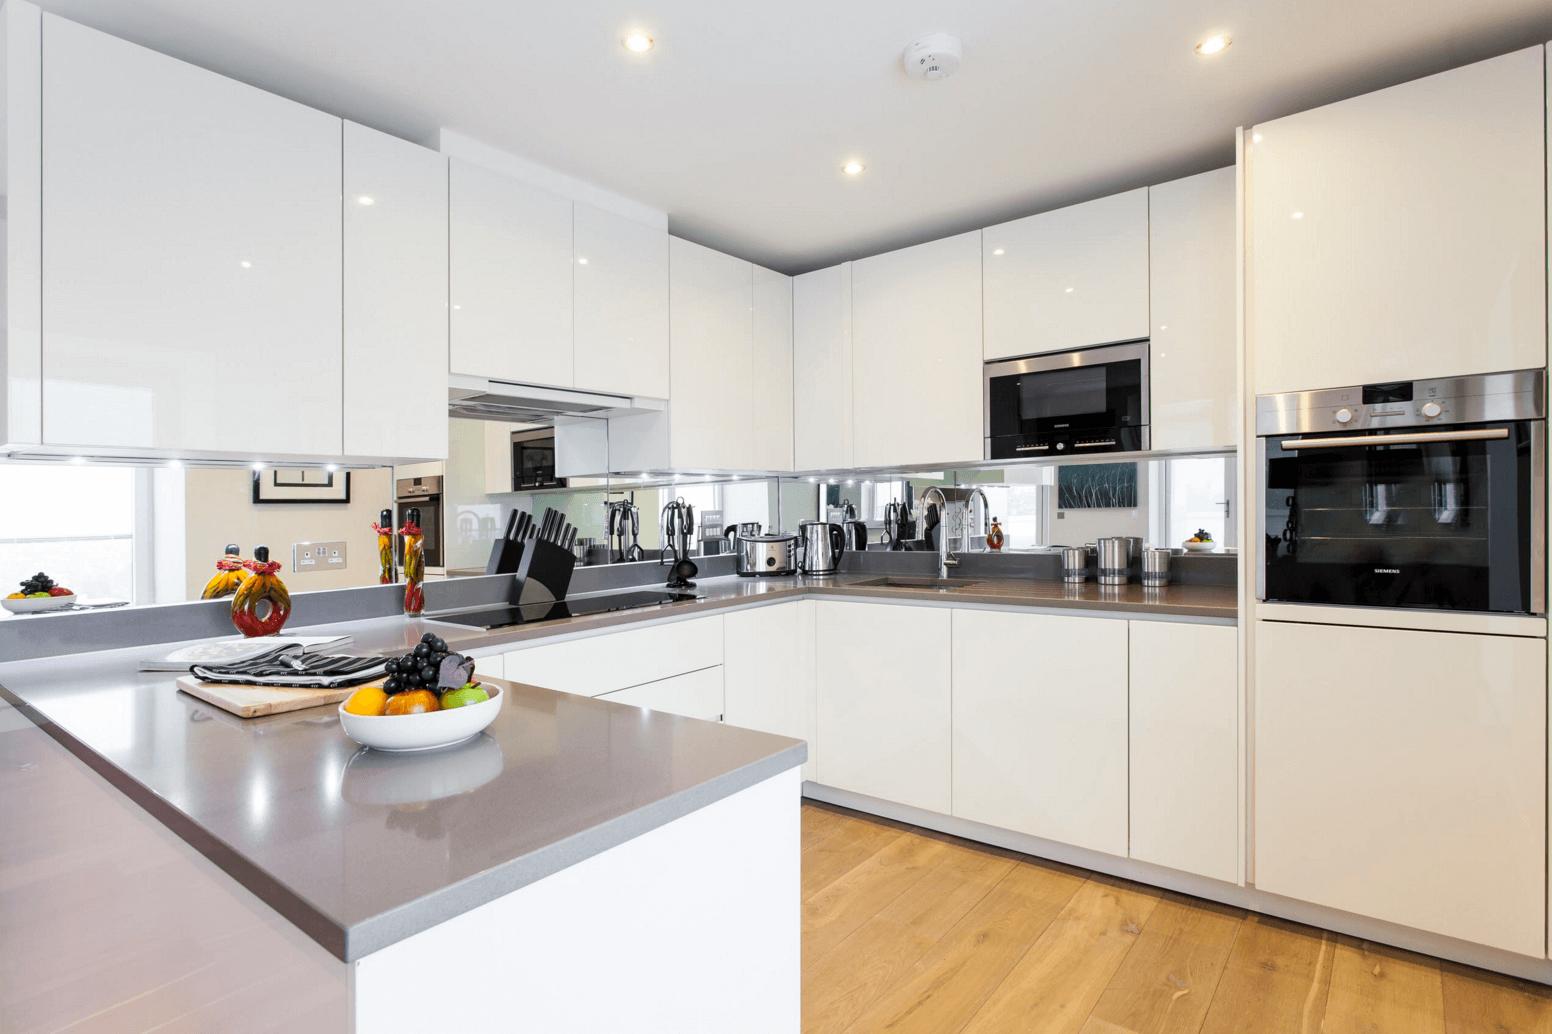 Идея дизайна фартука на кухню: зеркальный - фото 2